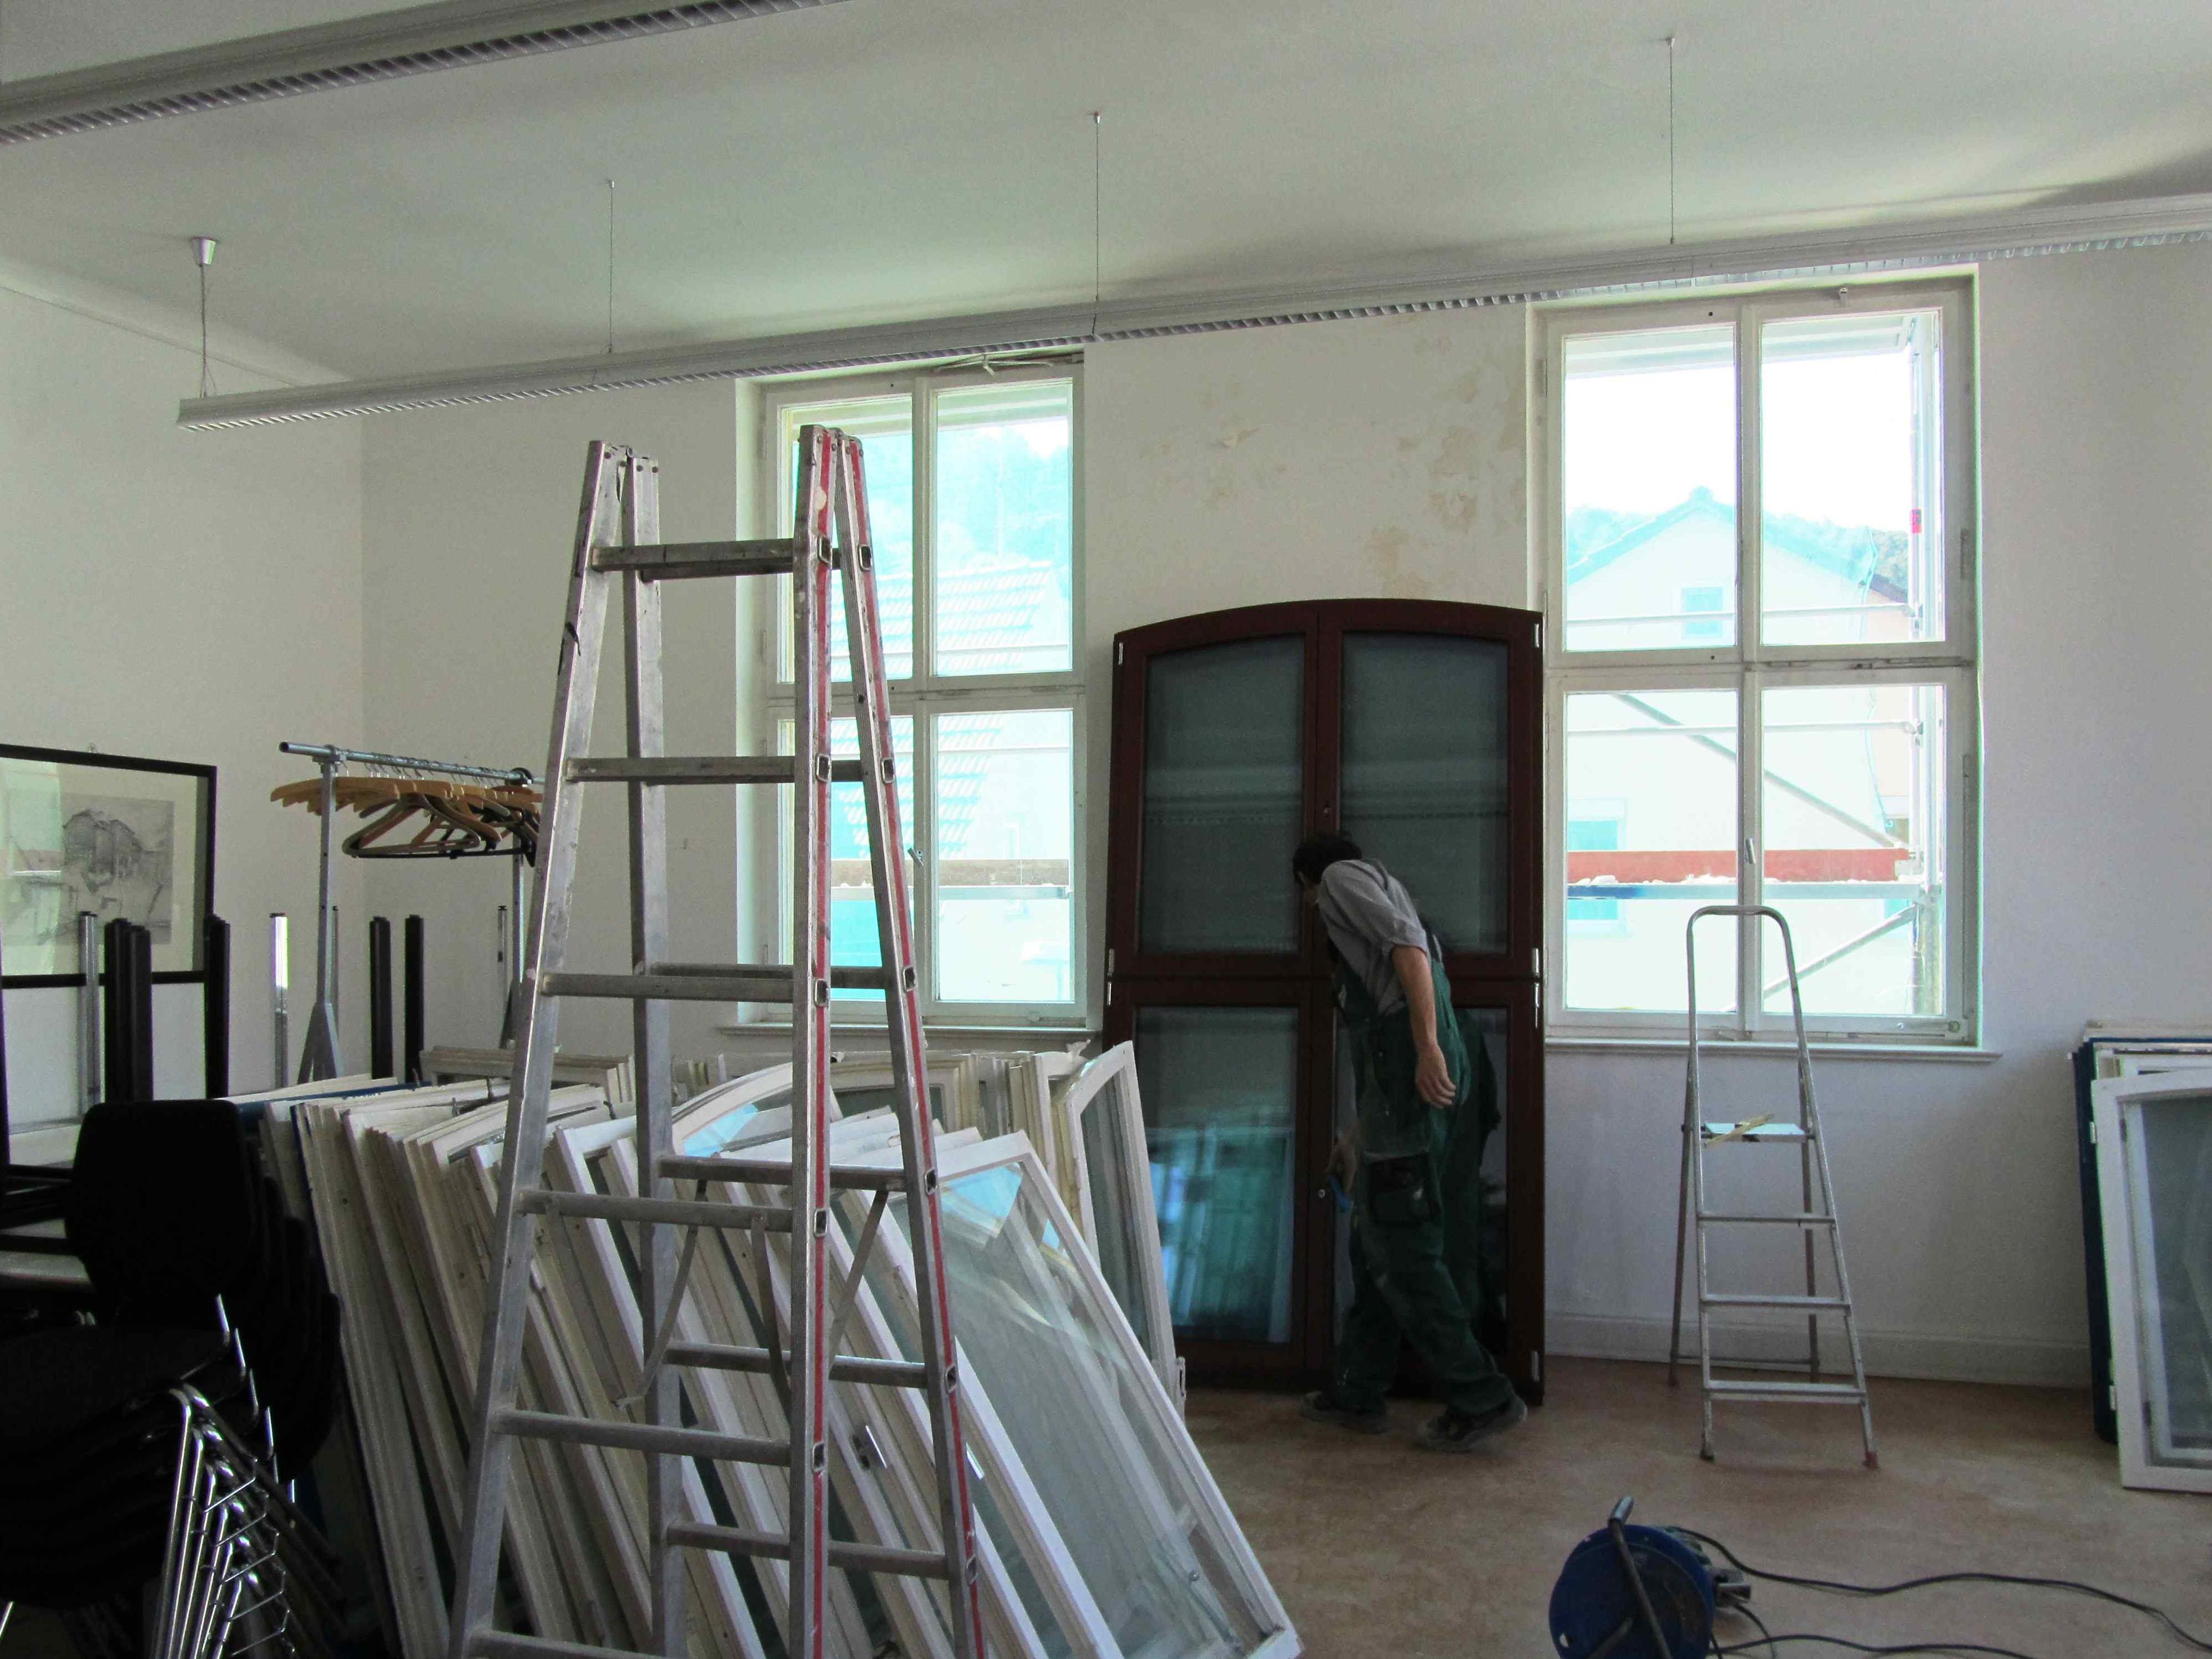 Renovierung des Schulhauses